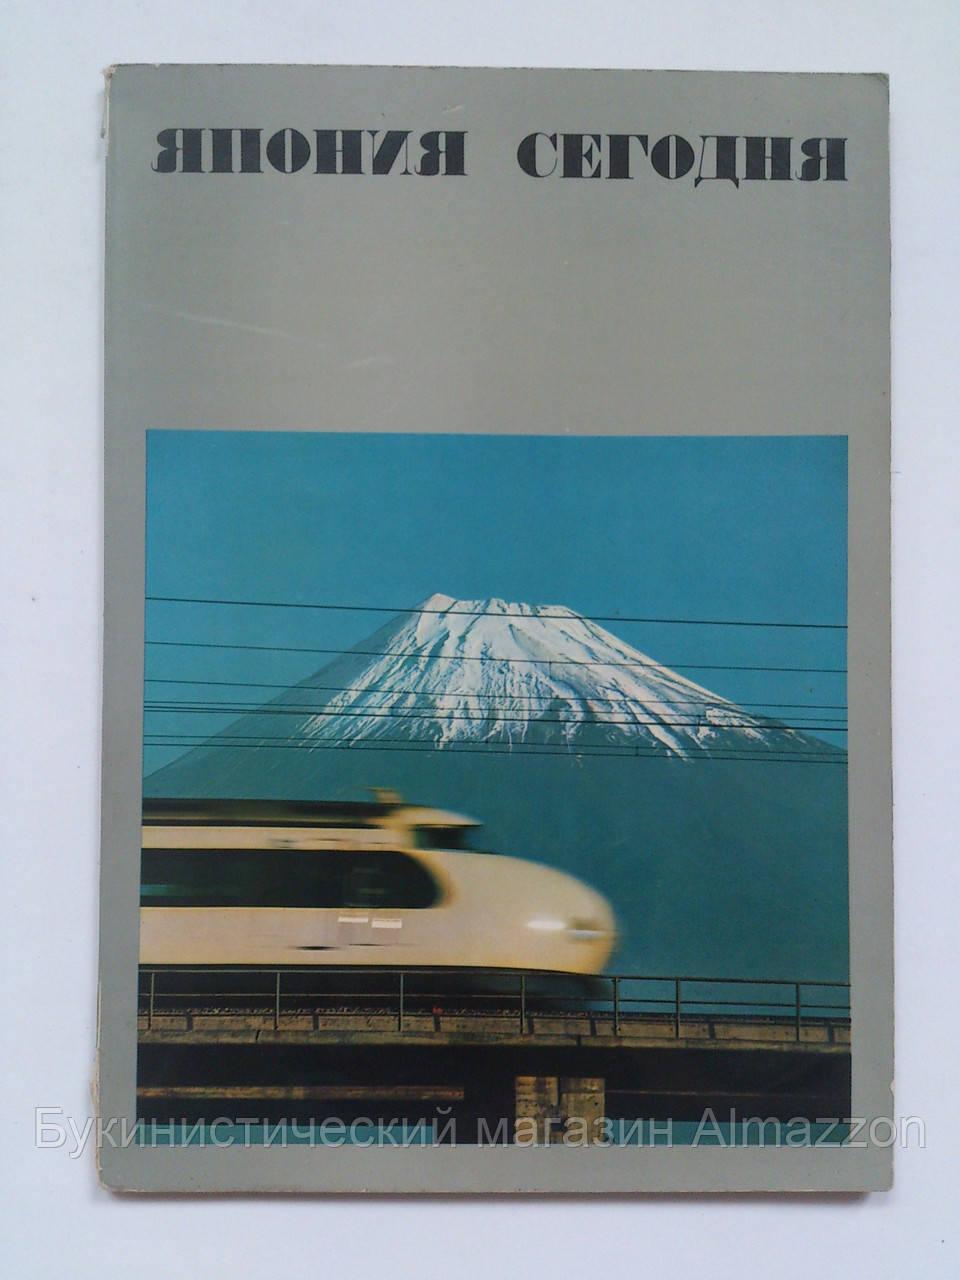 Япония сегодня. 1967 год Министерство иностранных дел Японии Департамент общественной информации